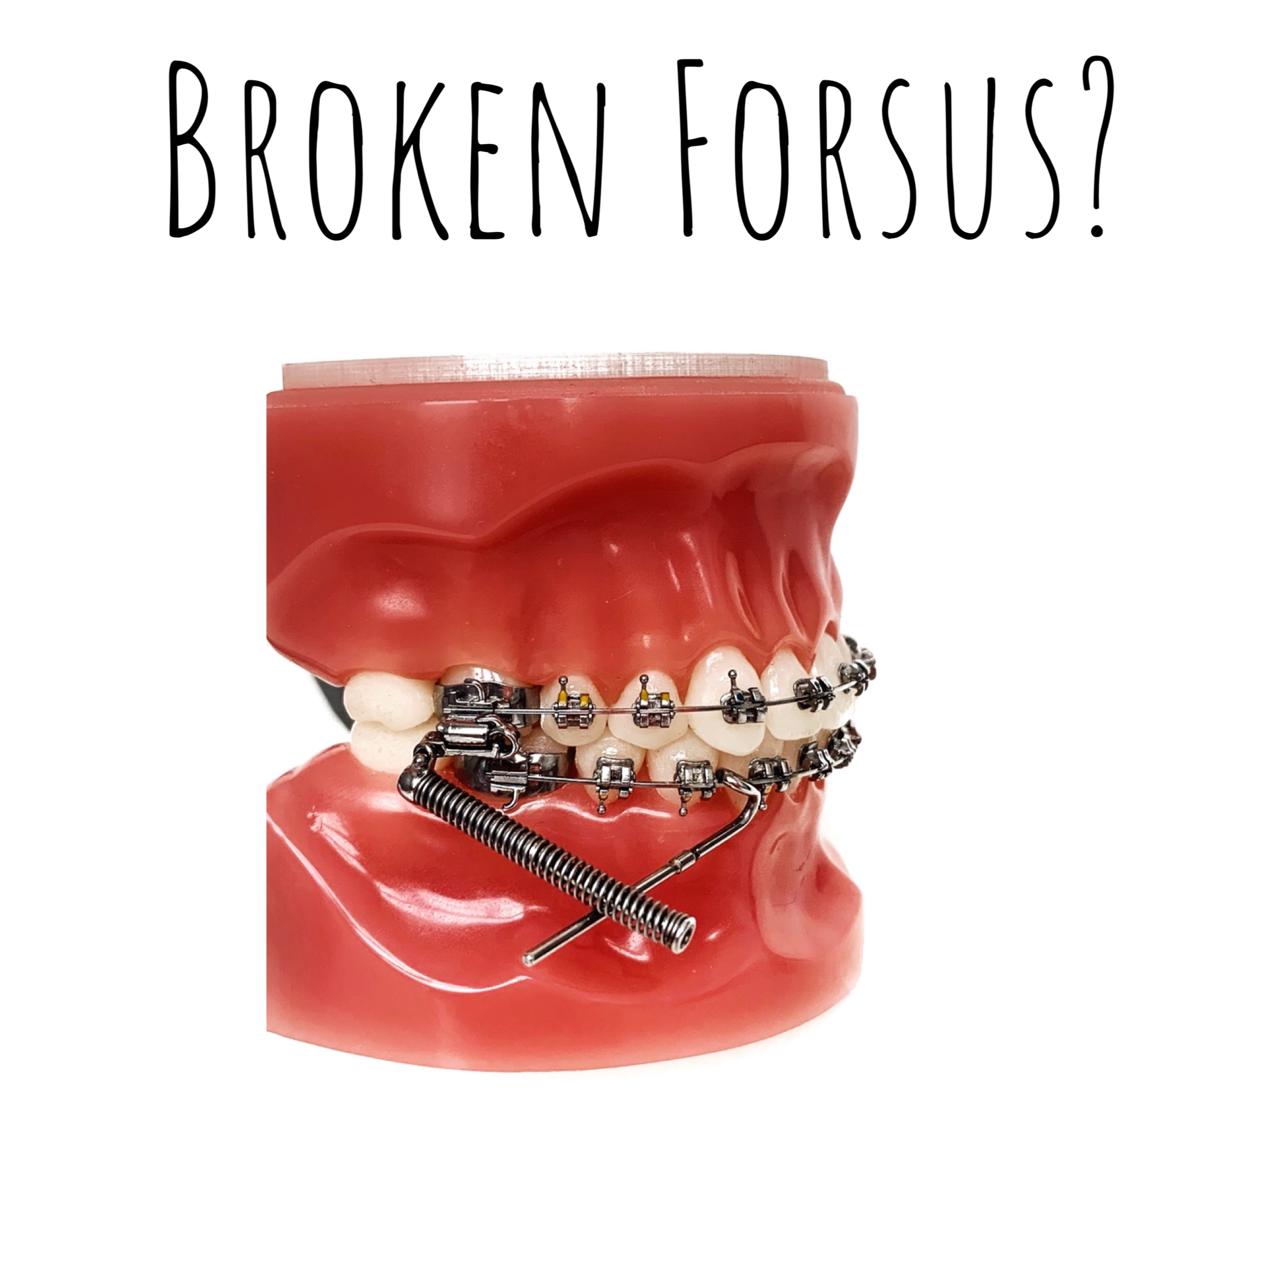 Broken Forsus?